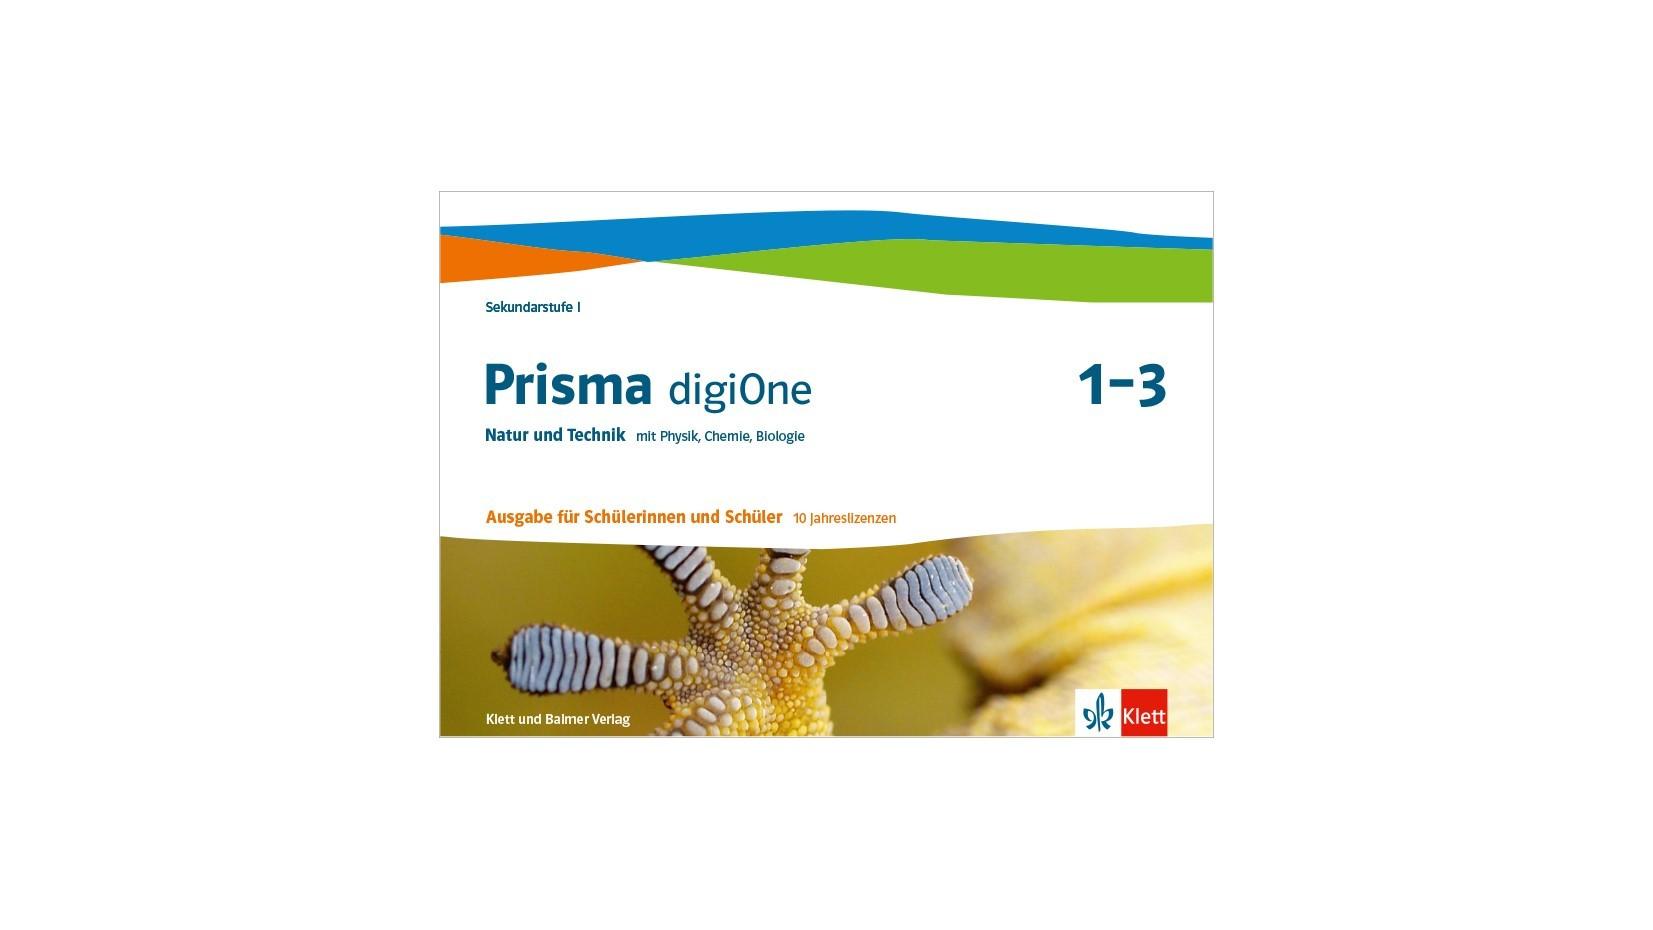 Prisma digione